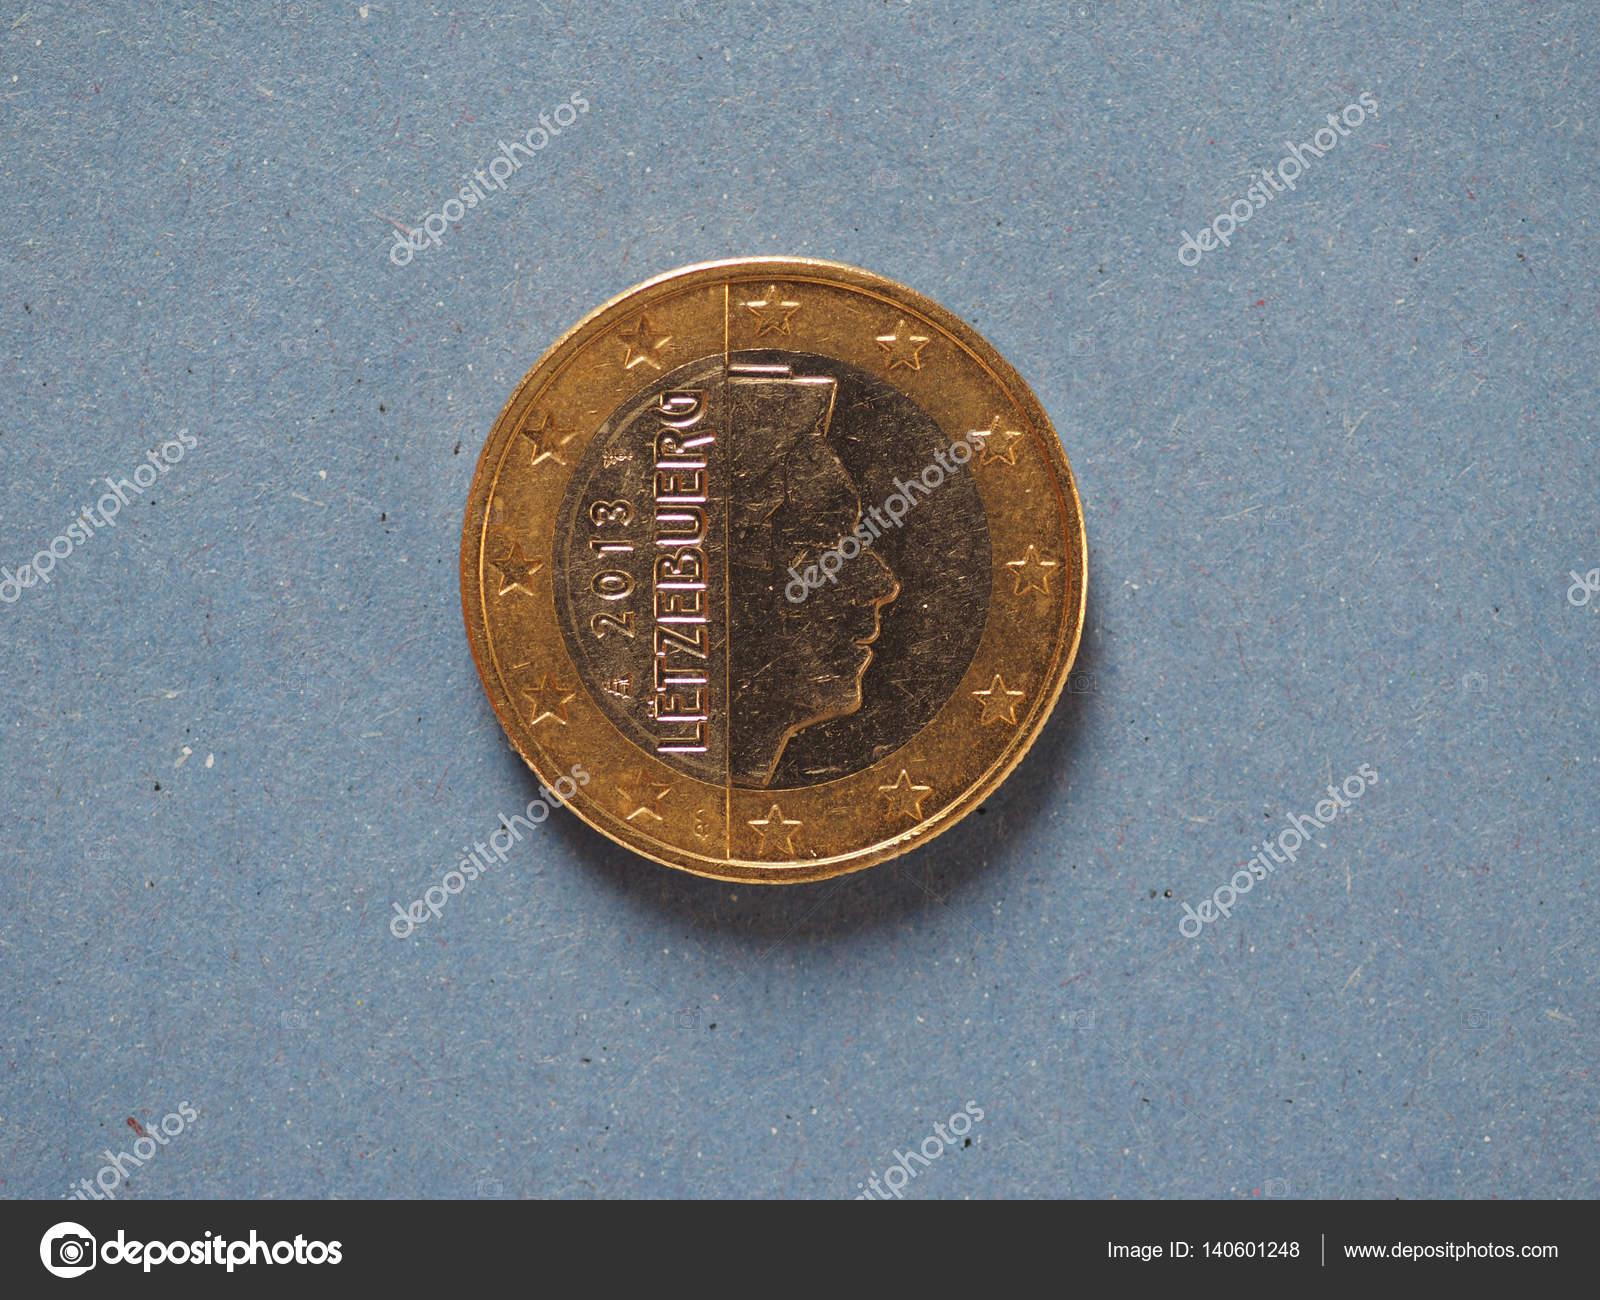 1 ユーロ硬貨、欧州連合、ルクセ...